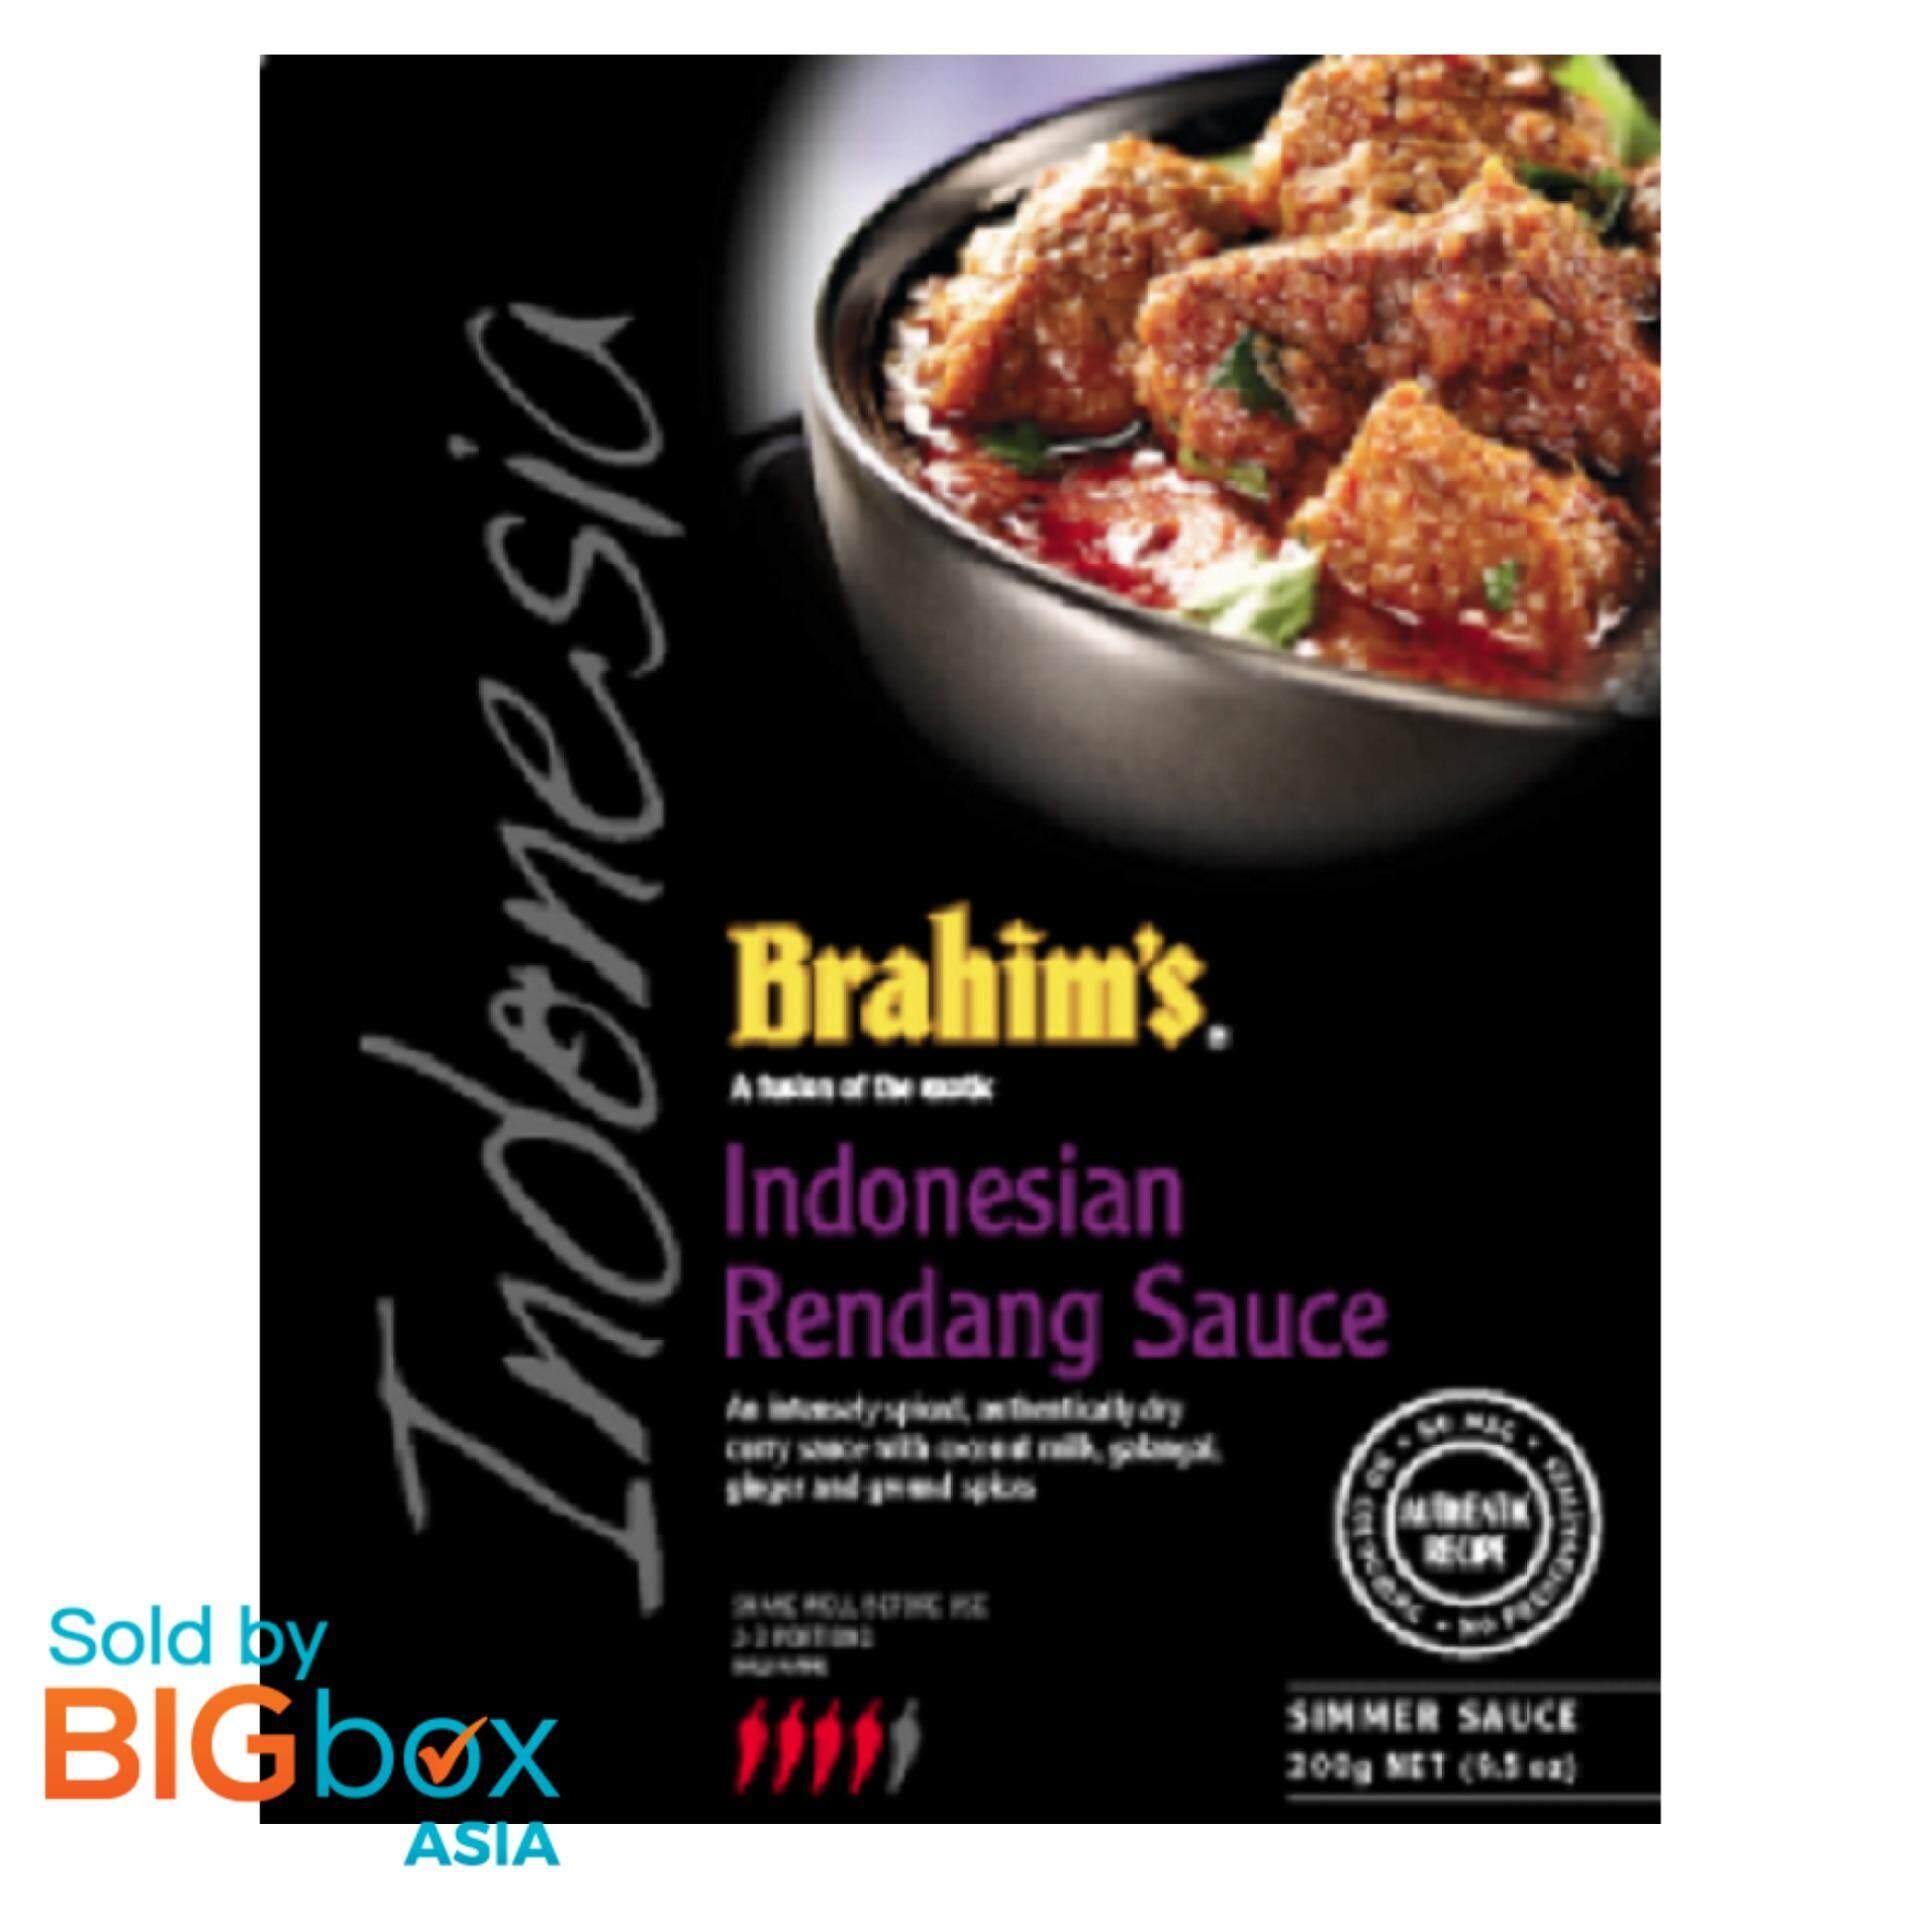 [BIGBox Asia] Brahim's Rendang Simmer Sauce/Kuah Rendang Indonesia 300g - Malaysia